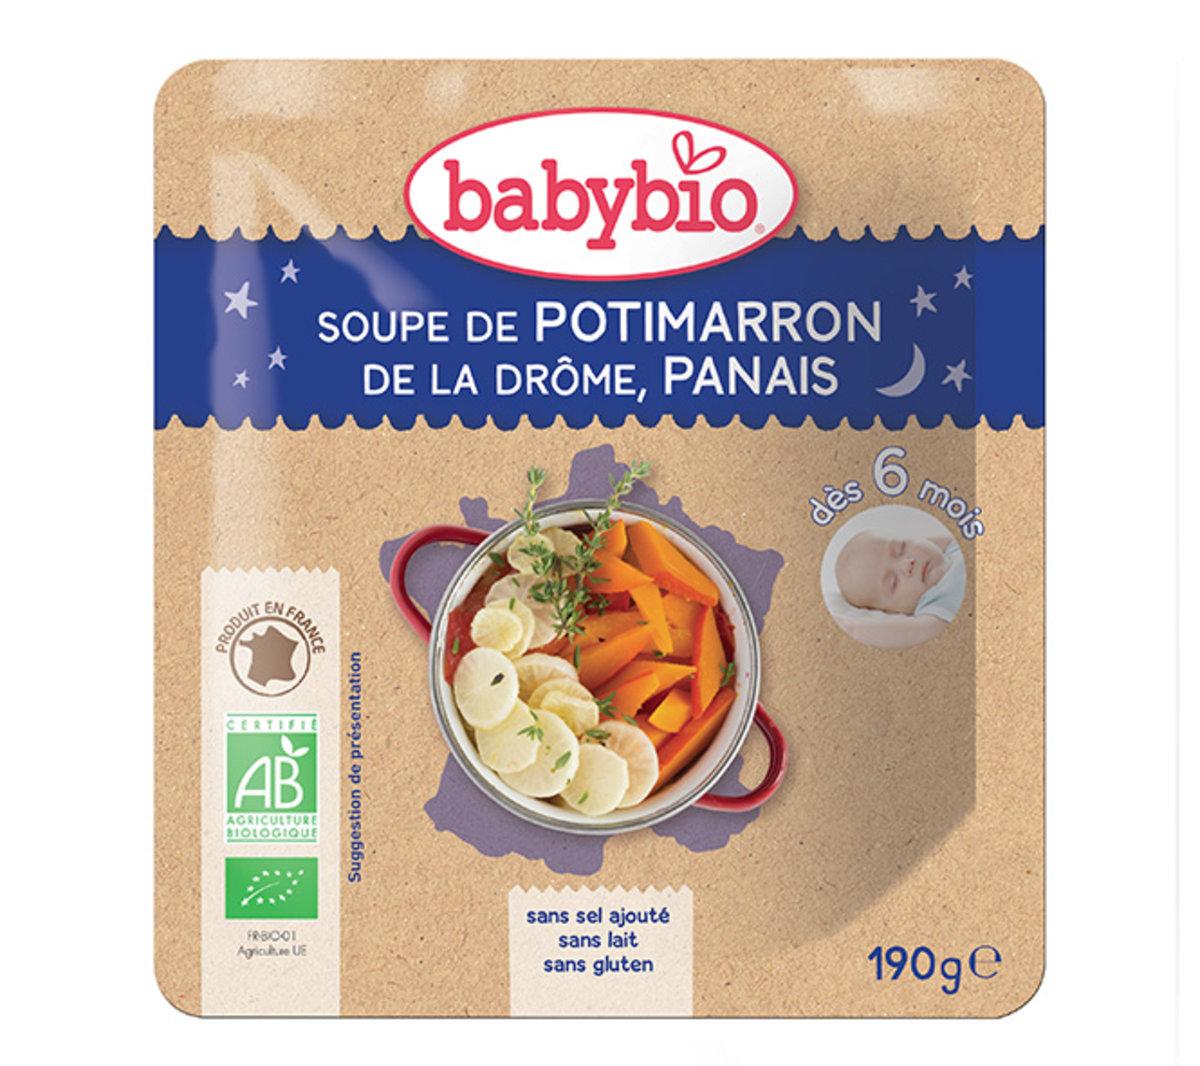 法國有機南瓜蘿蔔湯